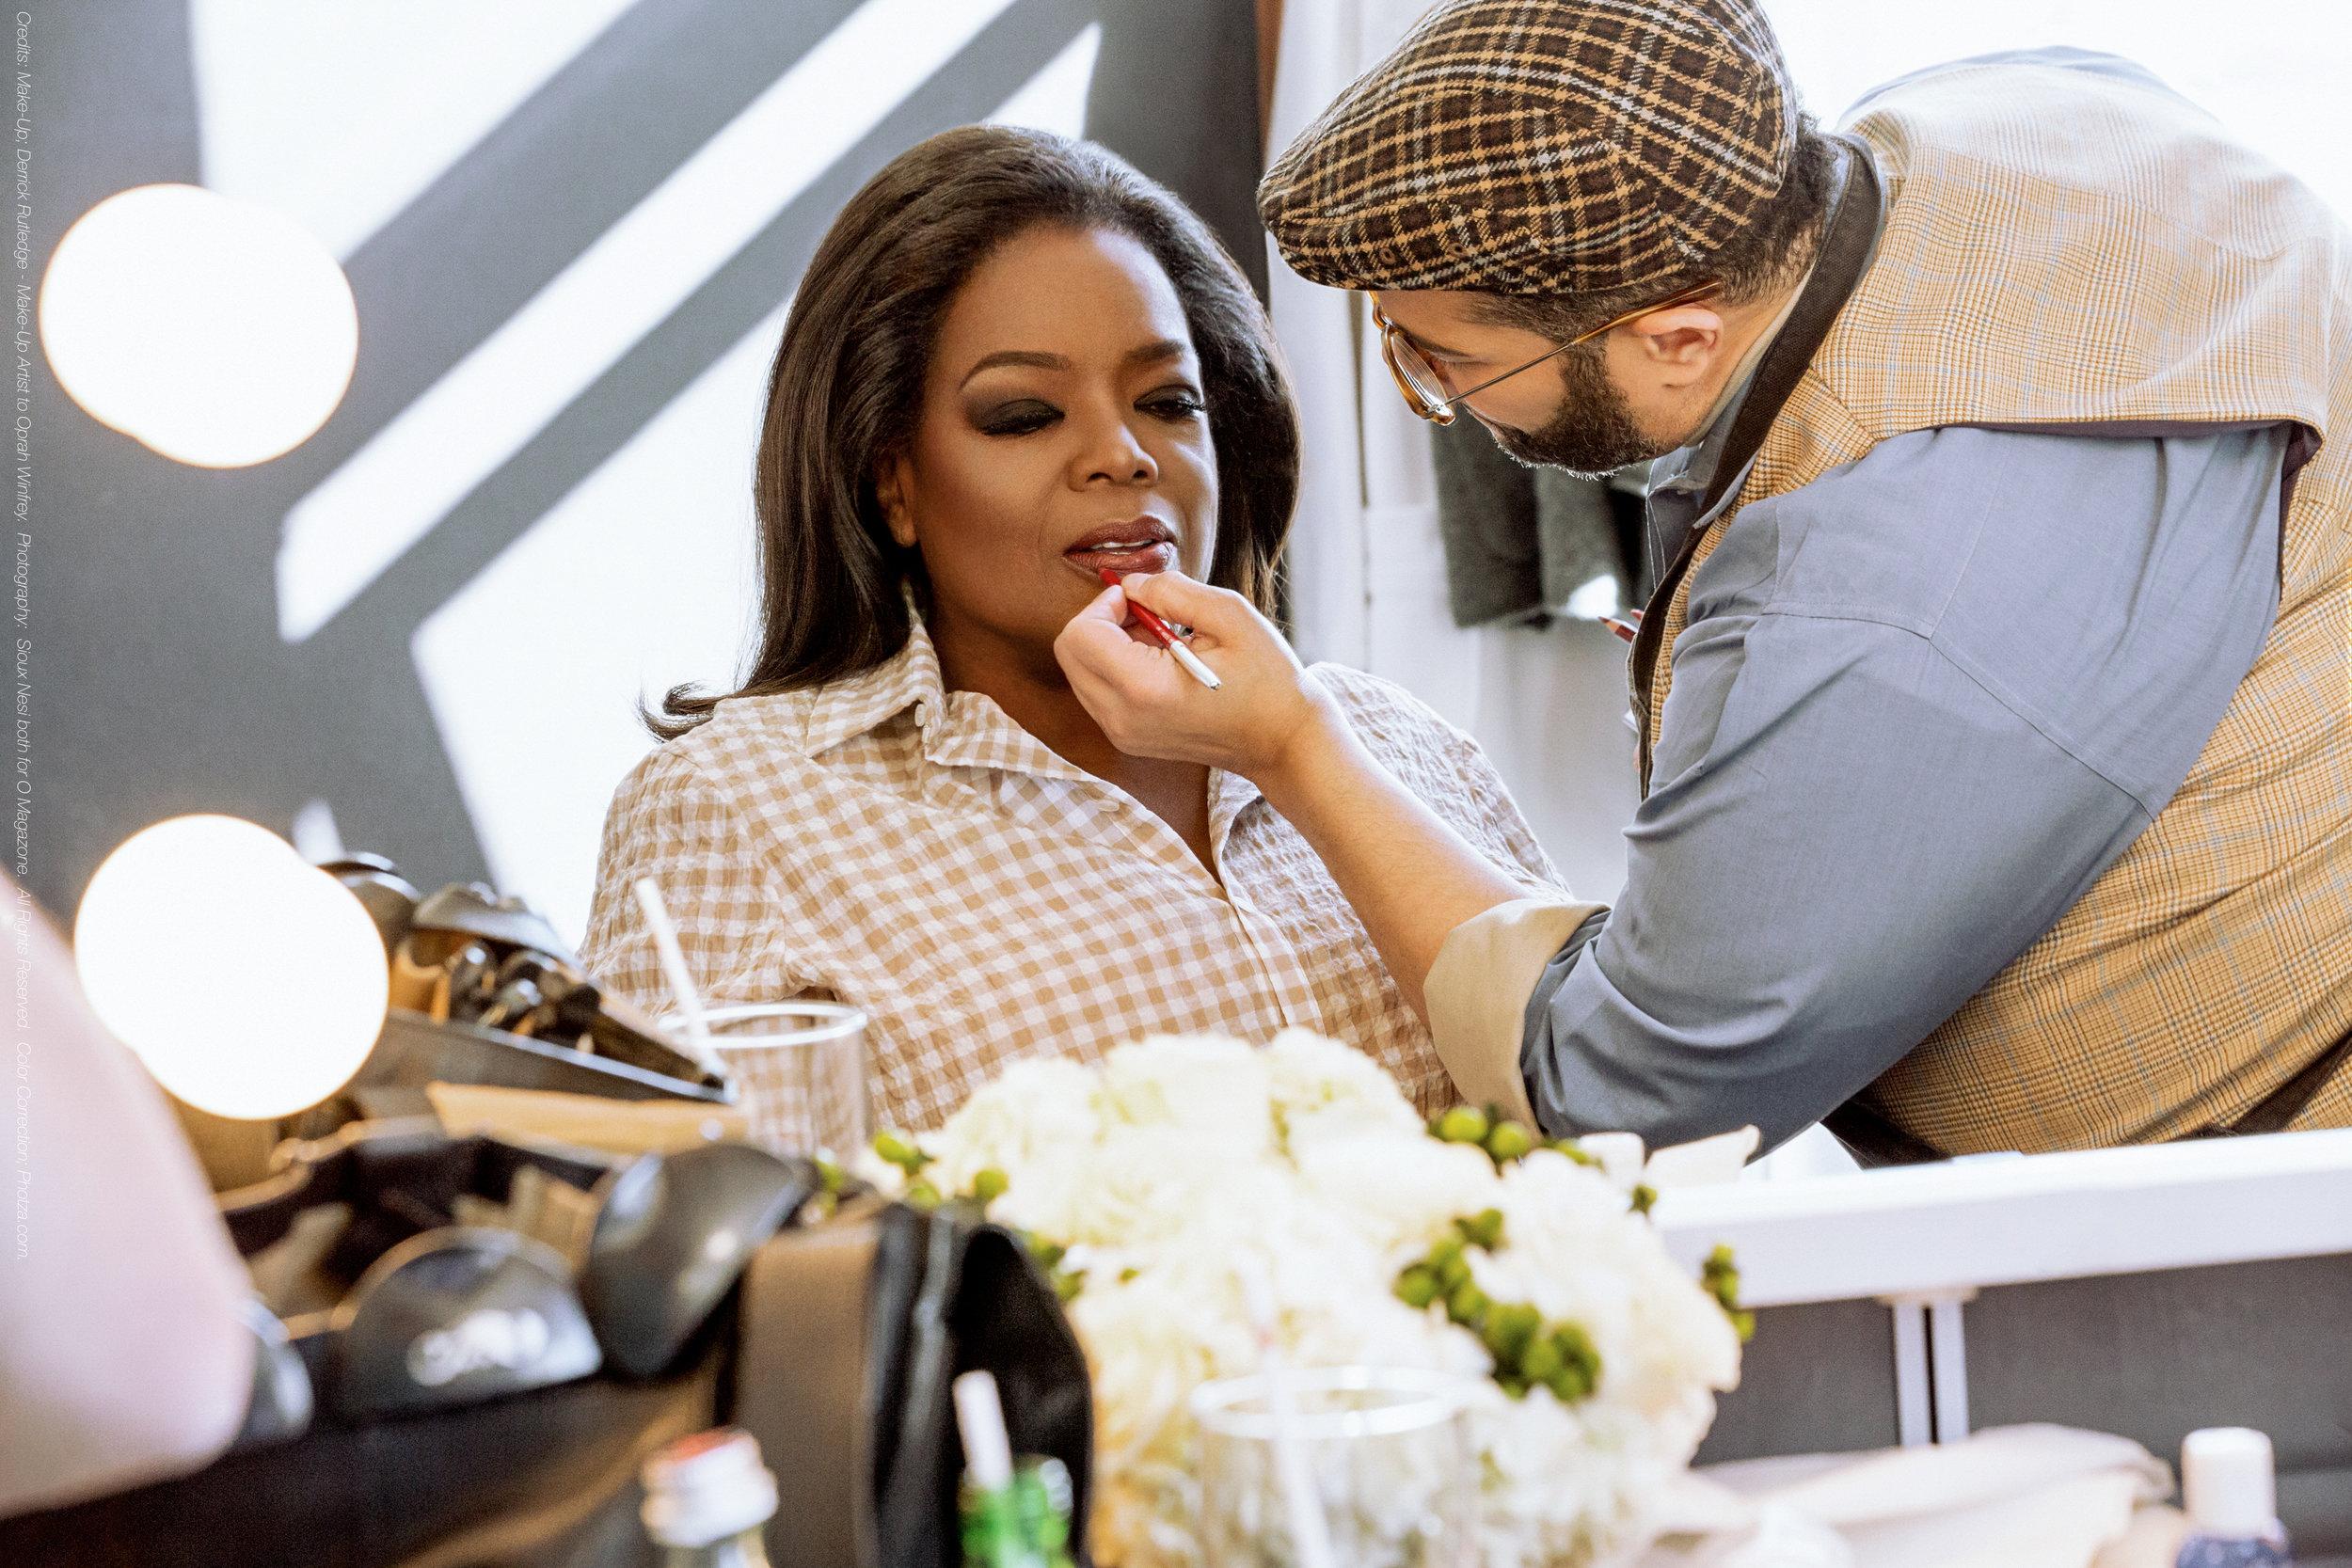 Oprah Winfrey Celebrity Makeup Artist Derrick Rutledge applying make up to client Oprah Winfrey